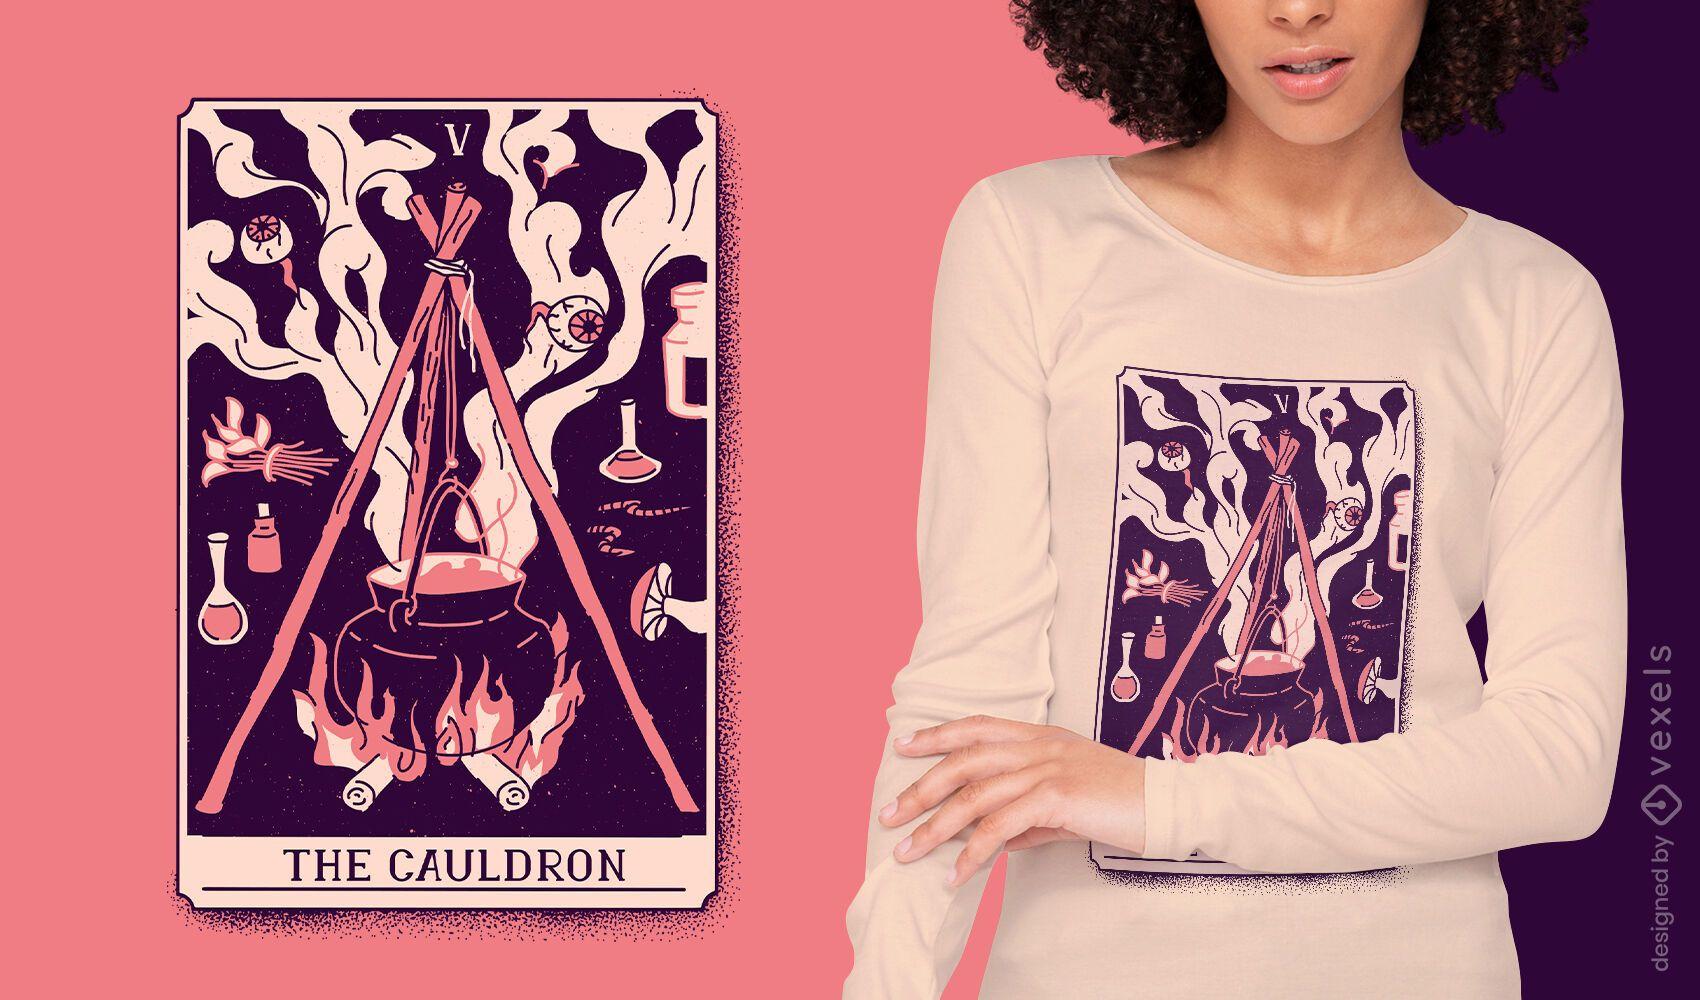 Kessel-Tarotkarten-T-Shirt-Design